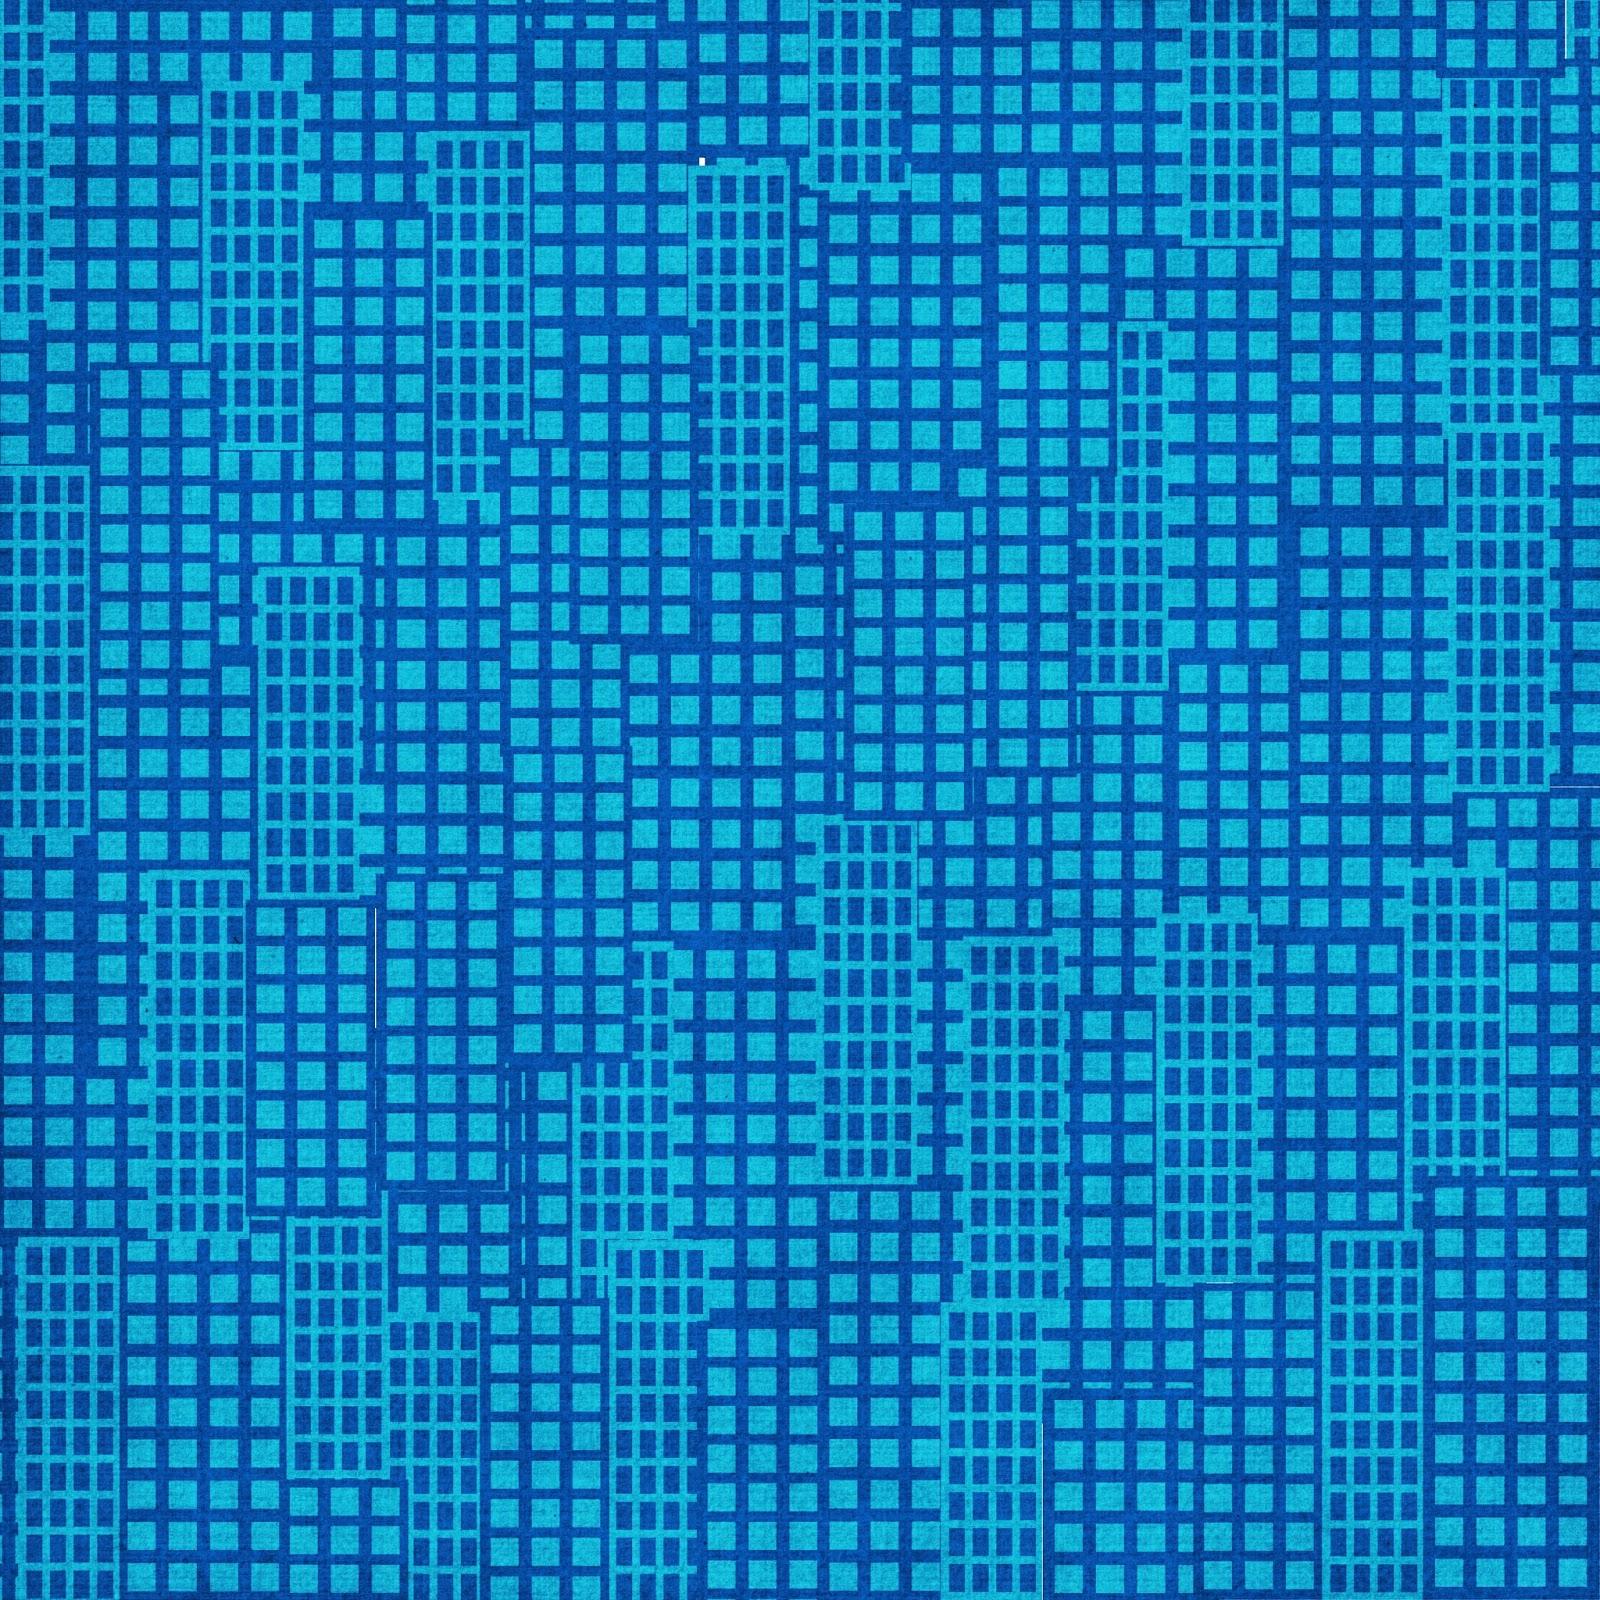 Fondo Azul Tipo Cómic.